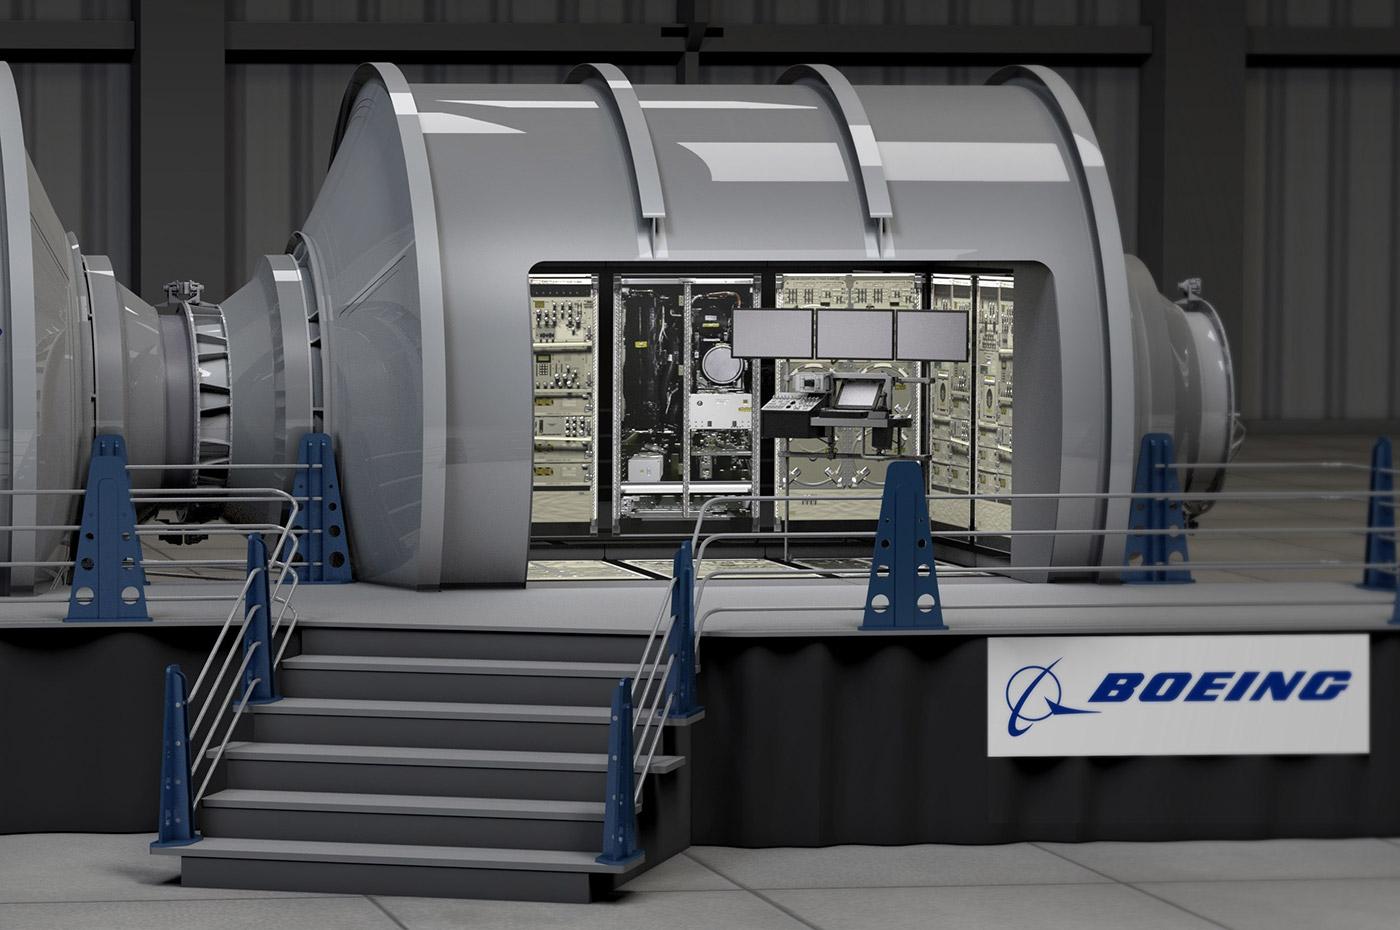 ناسا با ساخت زیستگاه های فضایی برای سفر بشریت به ناشناخته ها آماده می شود